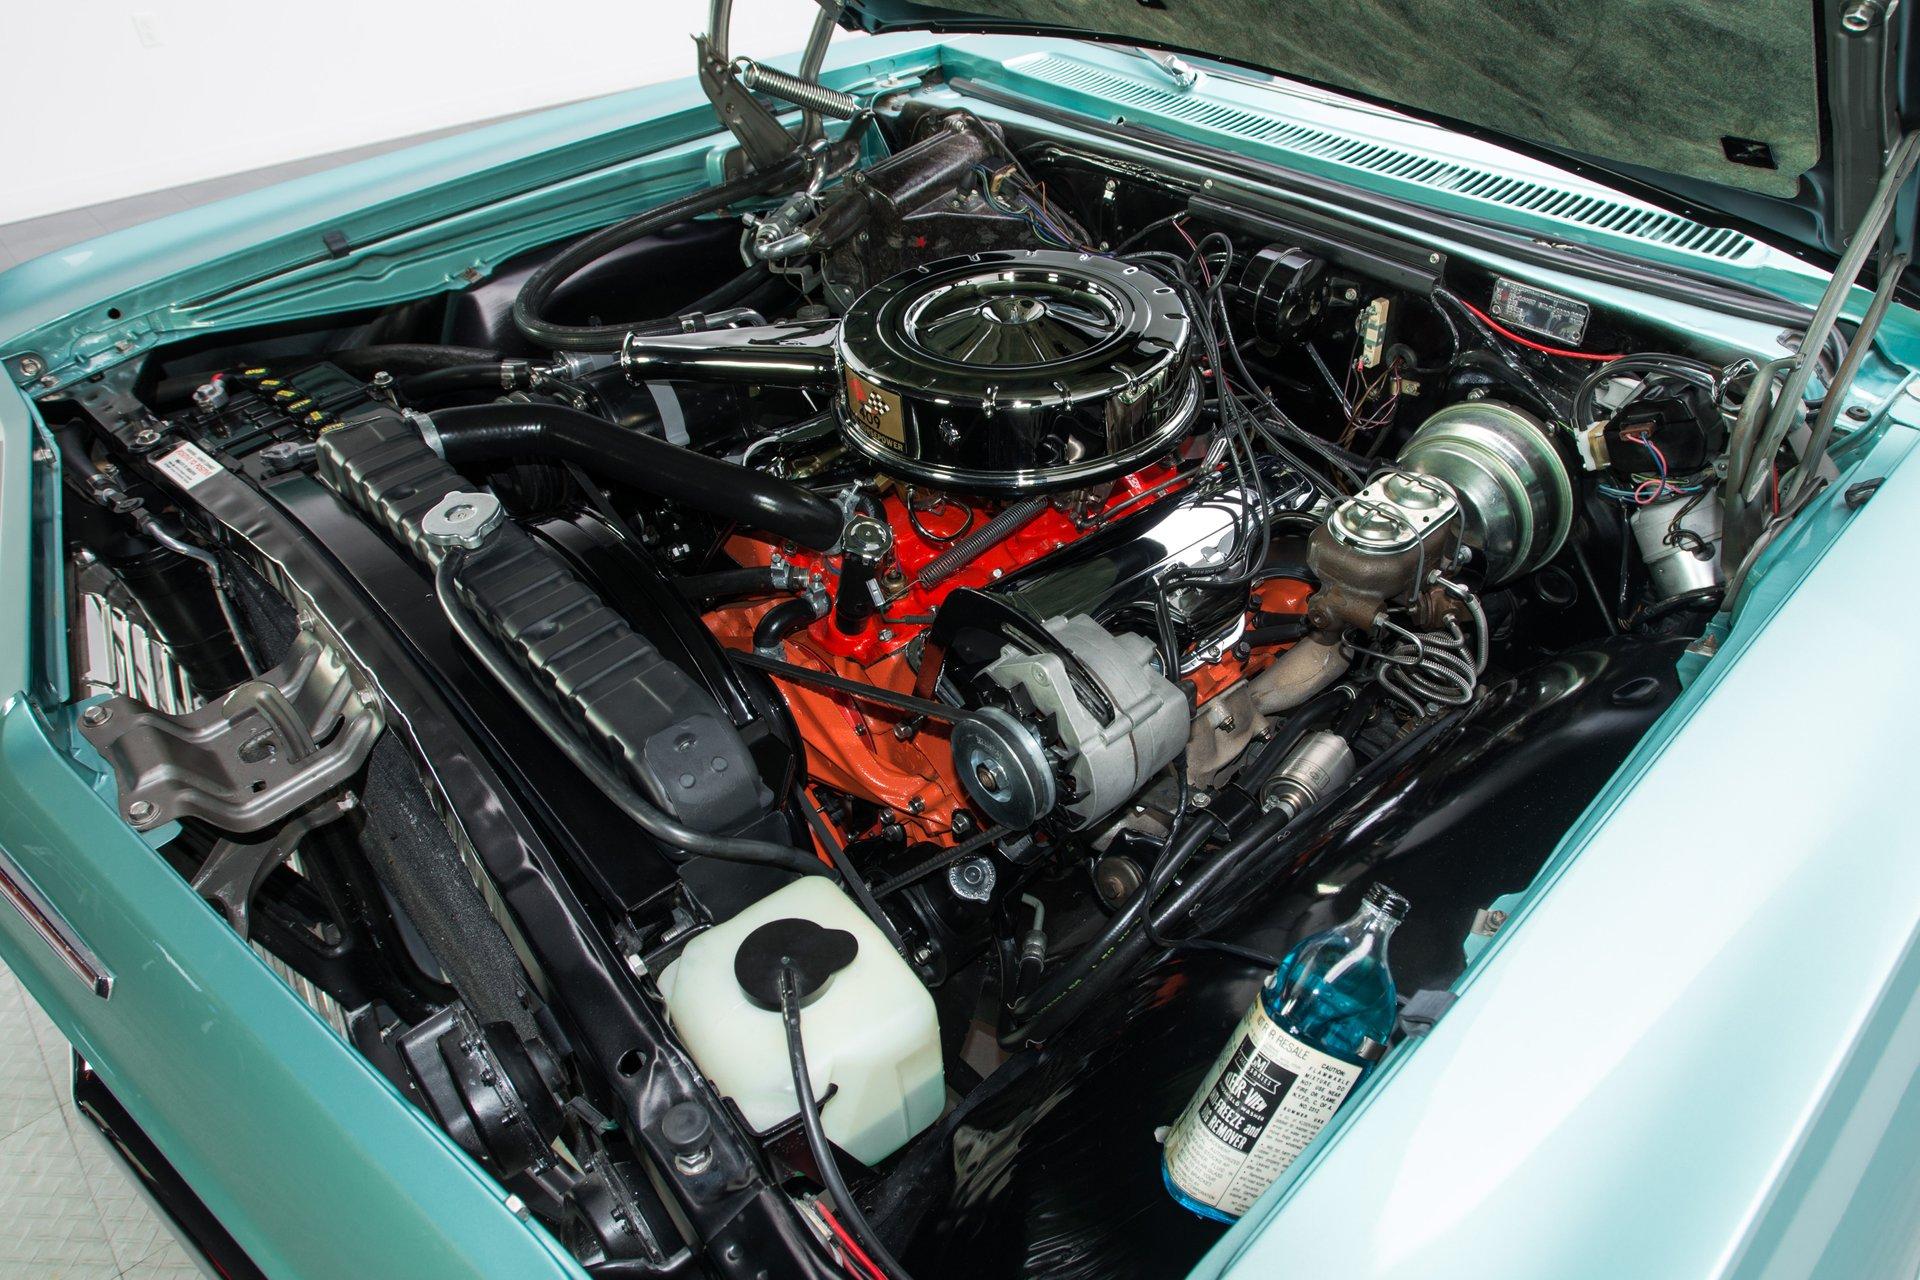 06 Impala Ss Wont Start